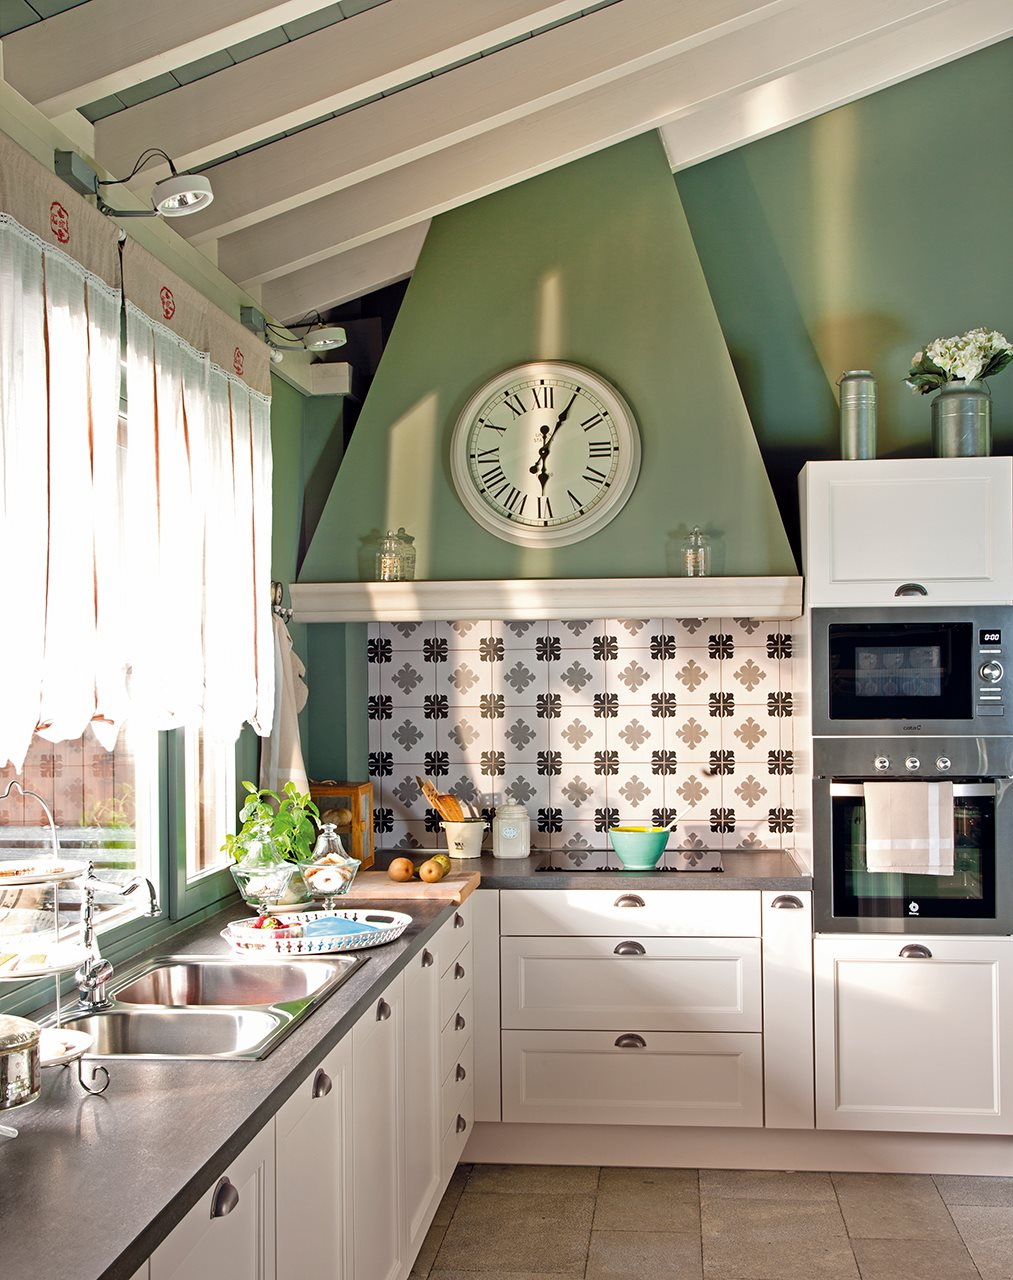 Ayer y hoy en equilibrio - Muebles de cocina de obra ...